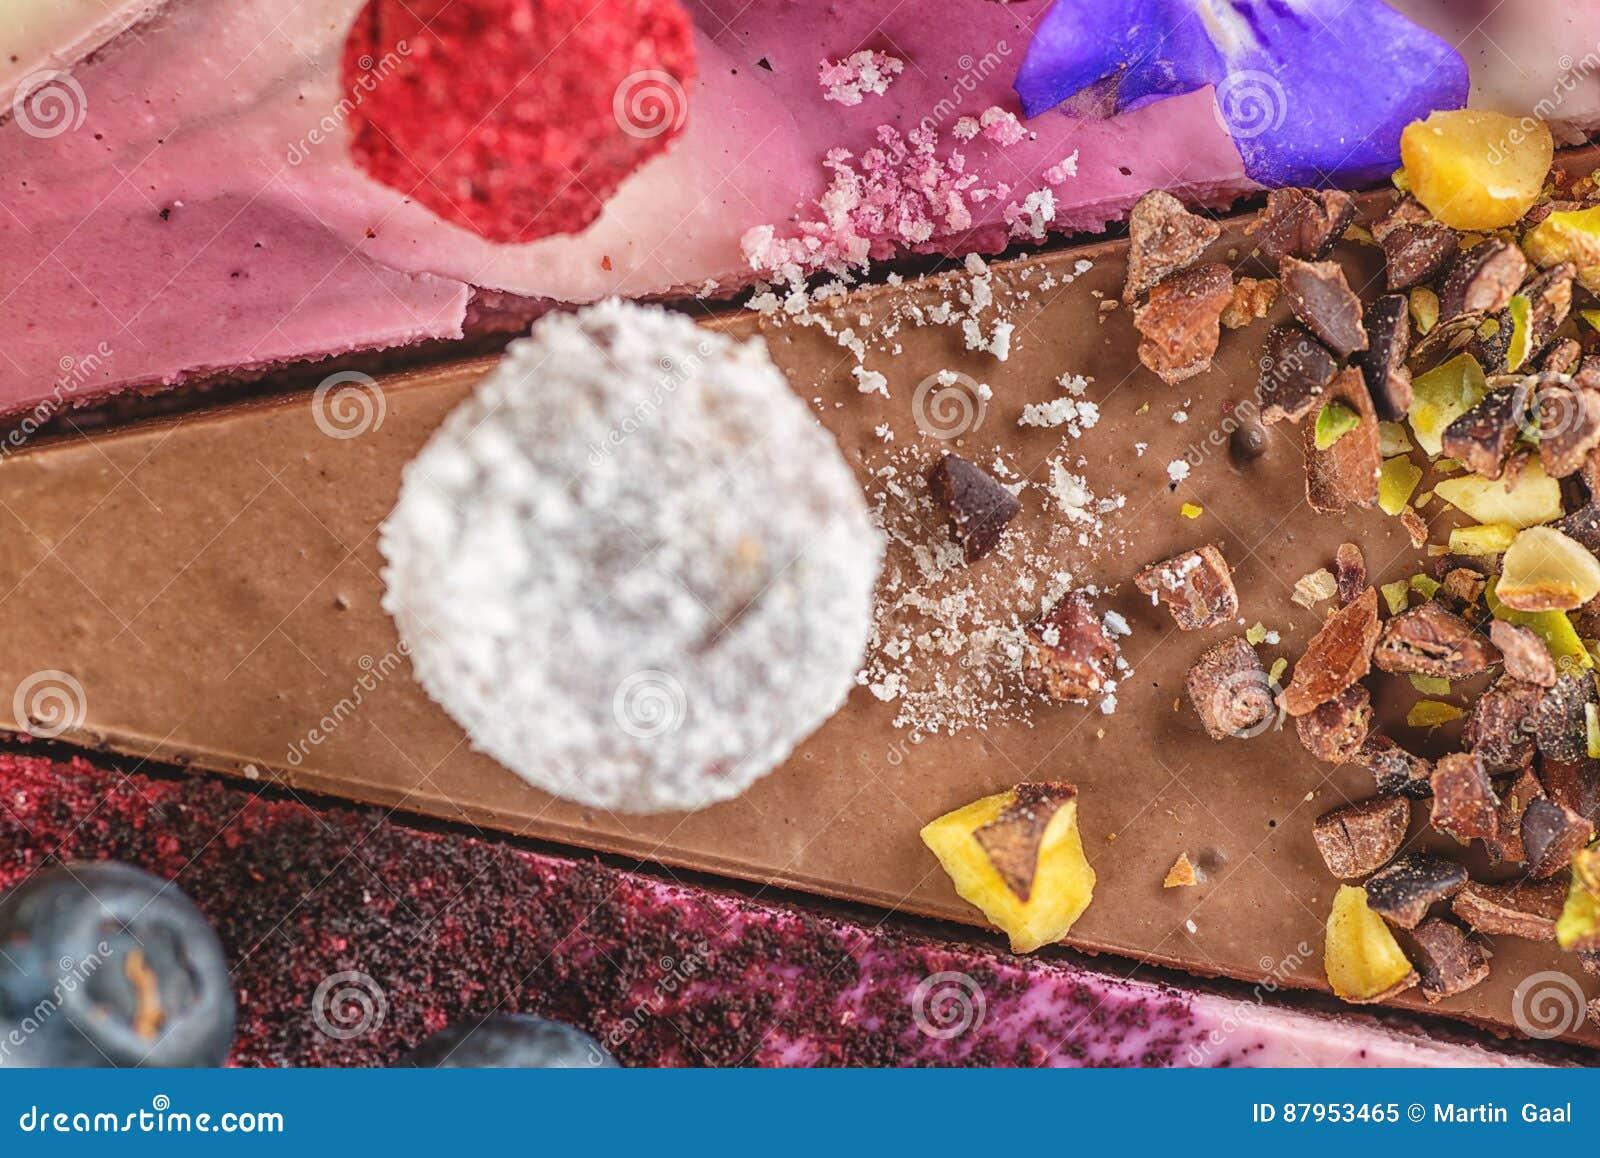 Gâteaux crus de vegan avec le fruit et les graines, décorés de la fleur, photographie de produit pour la pâtisserie